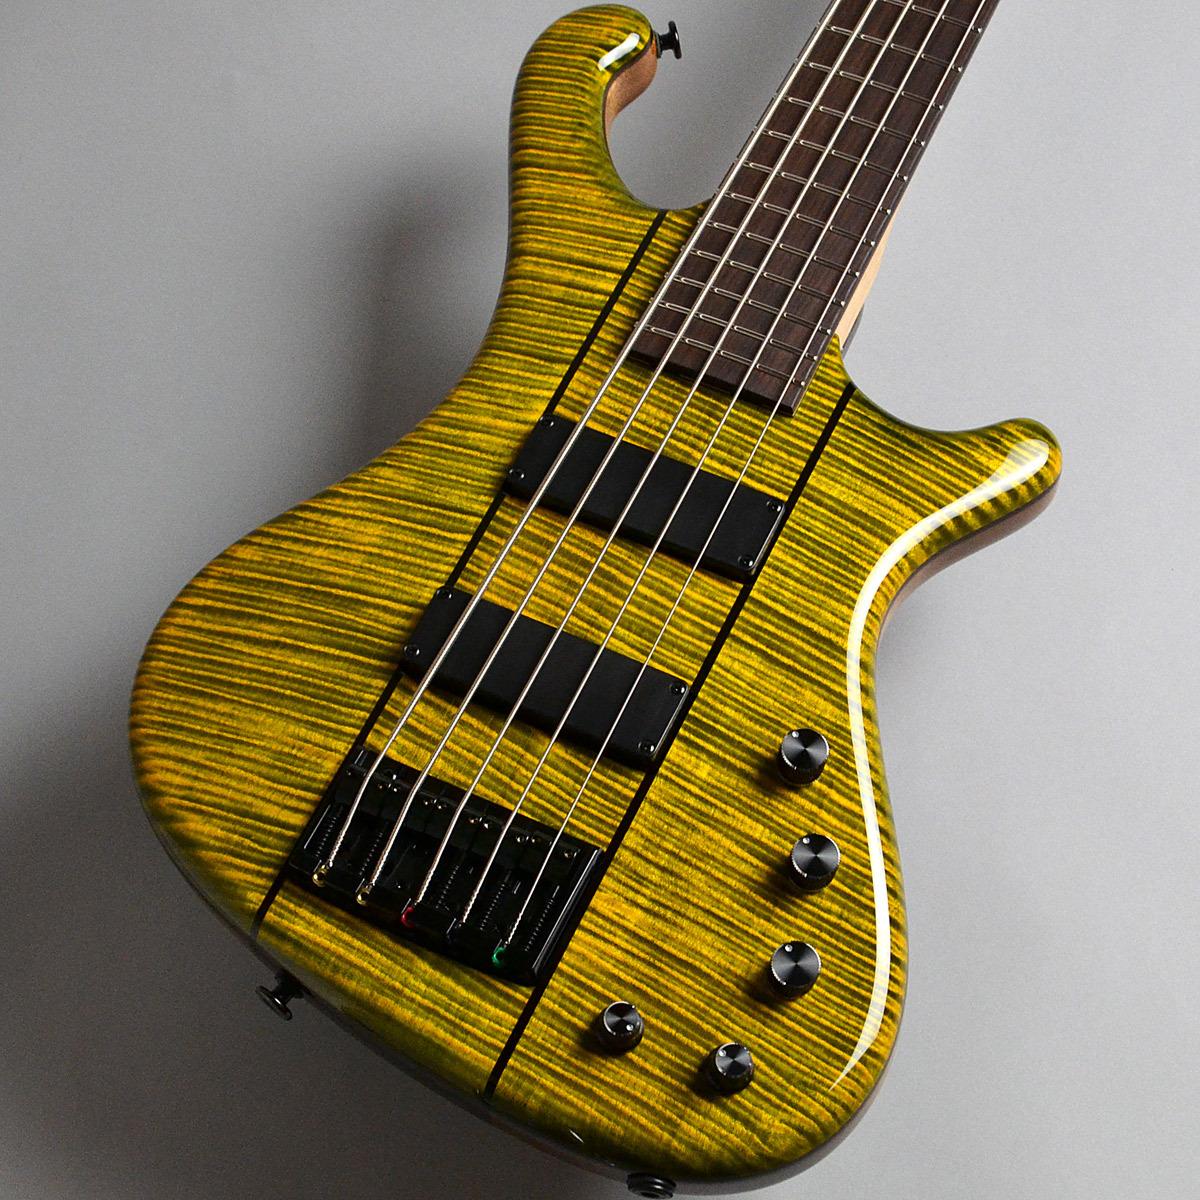 Freedom Custom Guitar Research Dulake 5st / 砂漠 アクティブ5弦ベース 【フリーダム】【新宿PePe店】